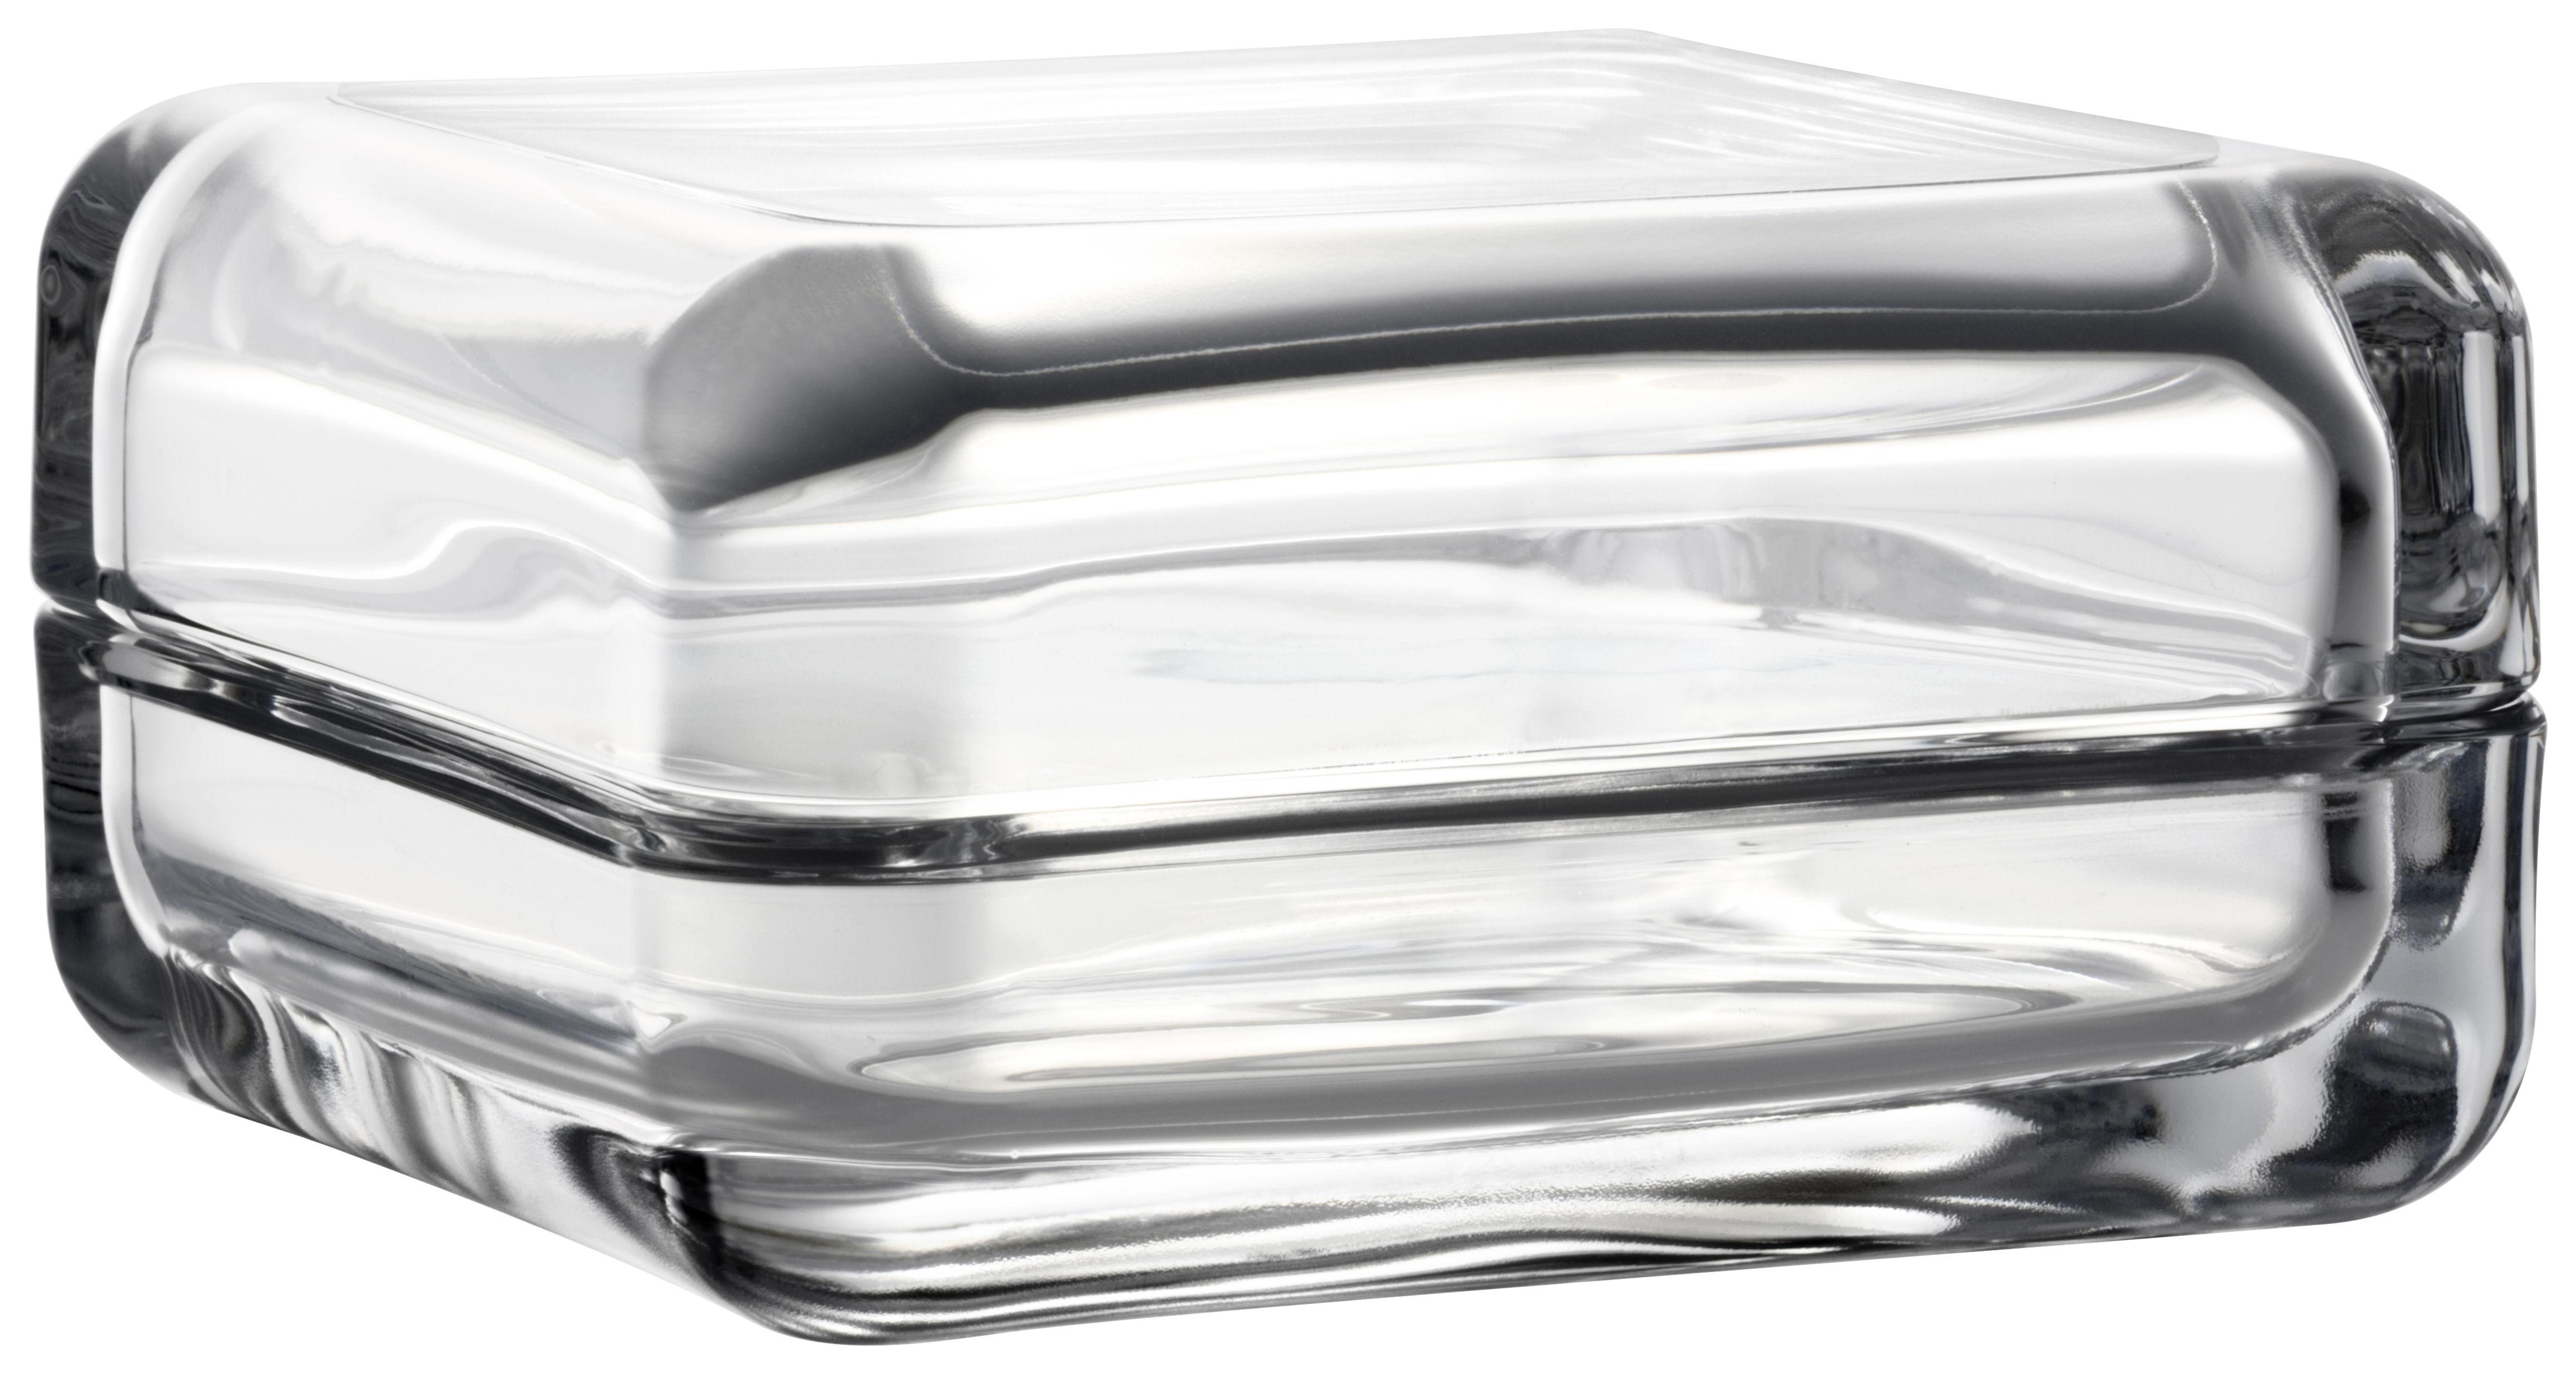 Interni - Scatole déco - Scatola Vitriini / 11 x 11 cm - Iittala - Trasparente - Vetro